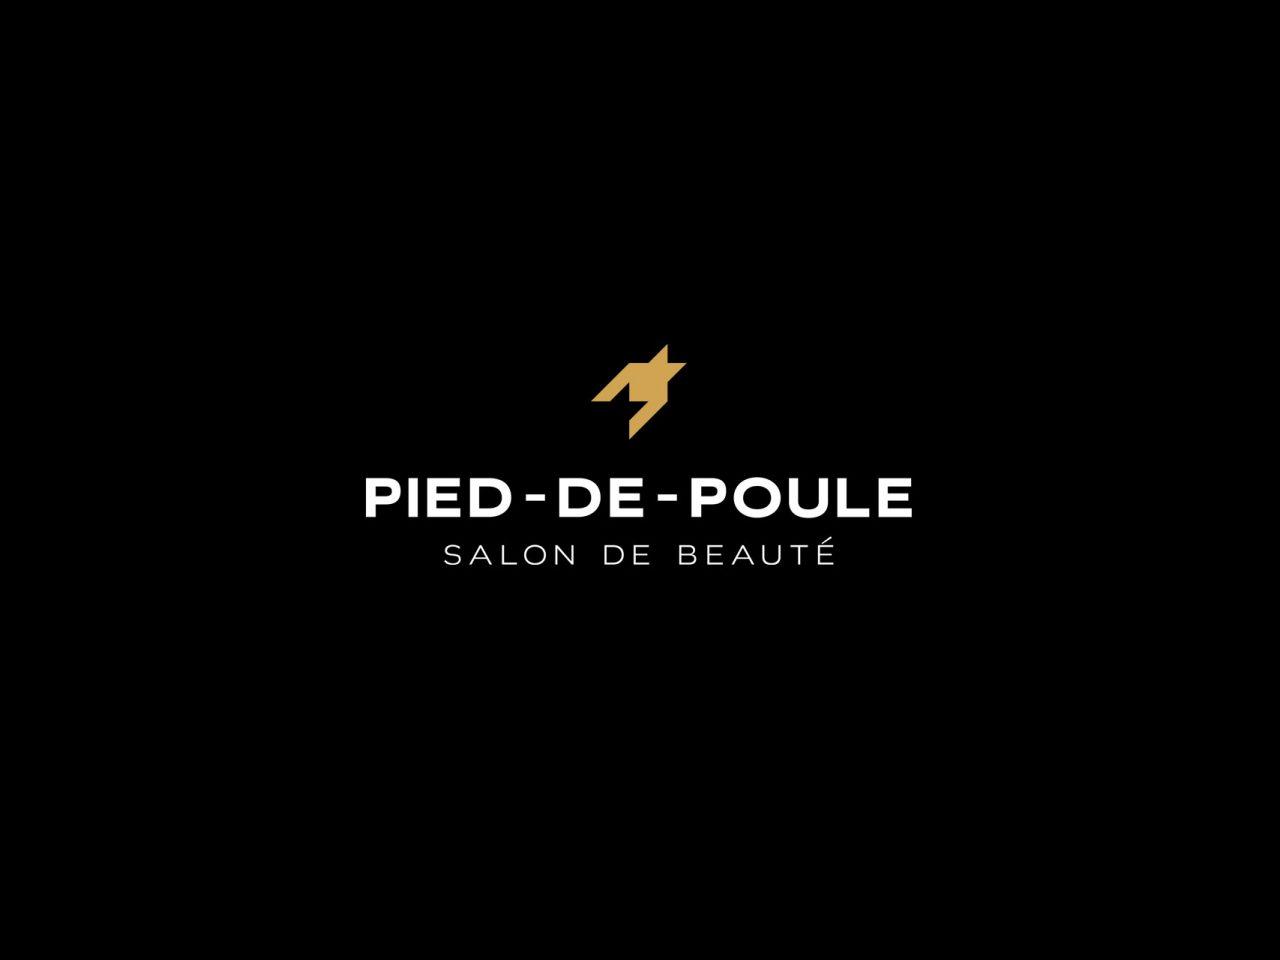 Pied-De-Poule